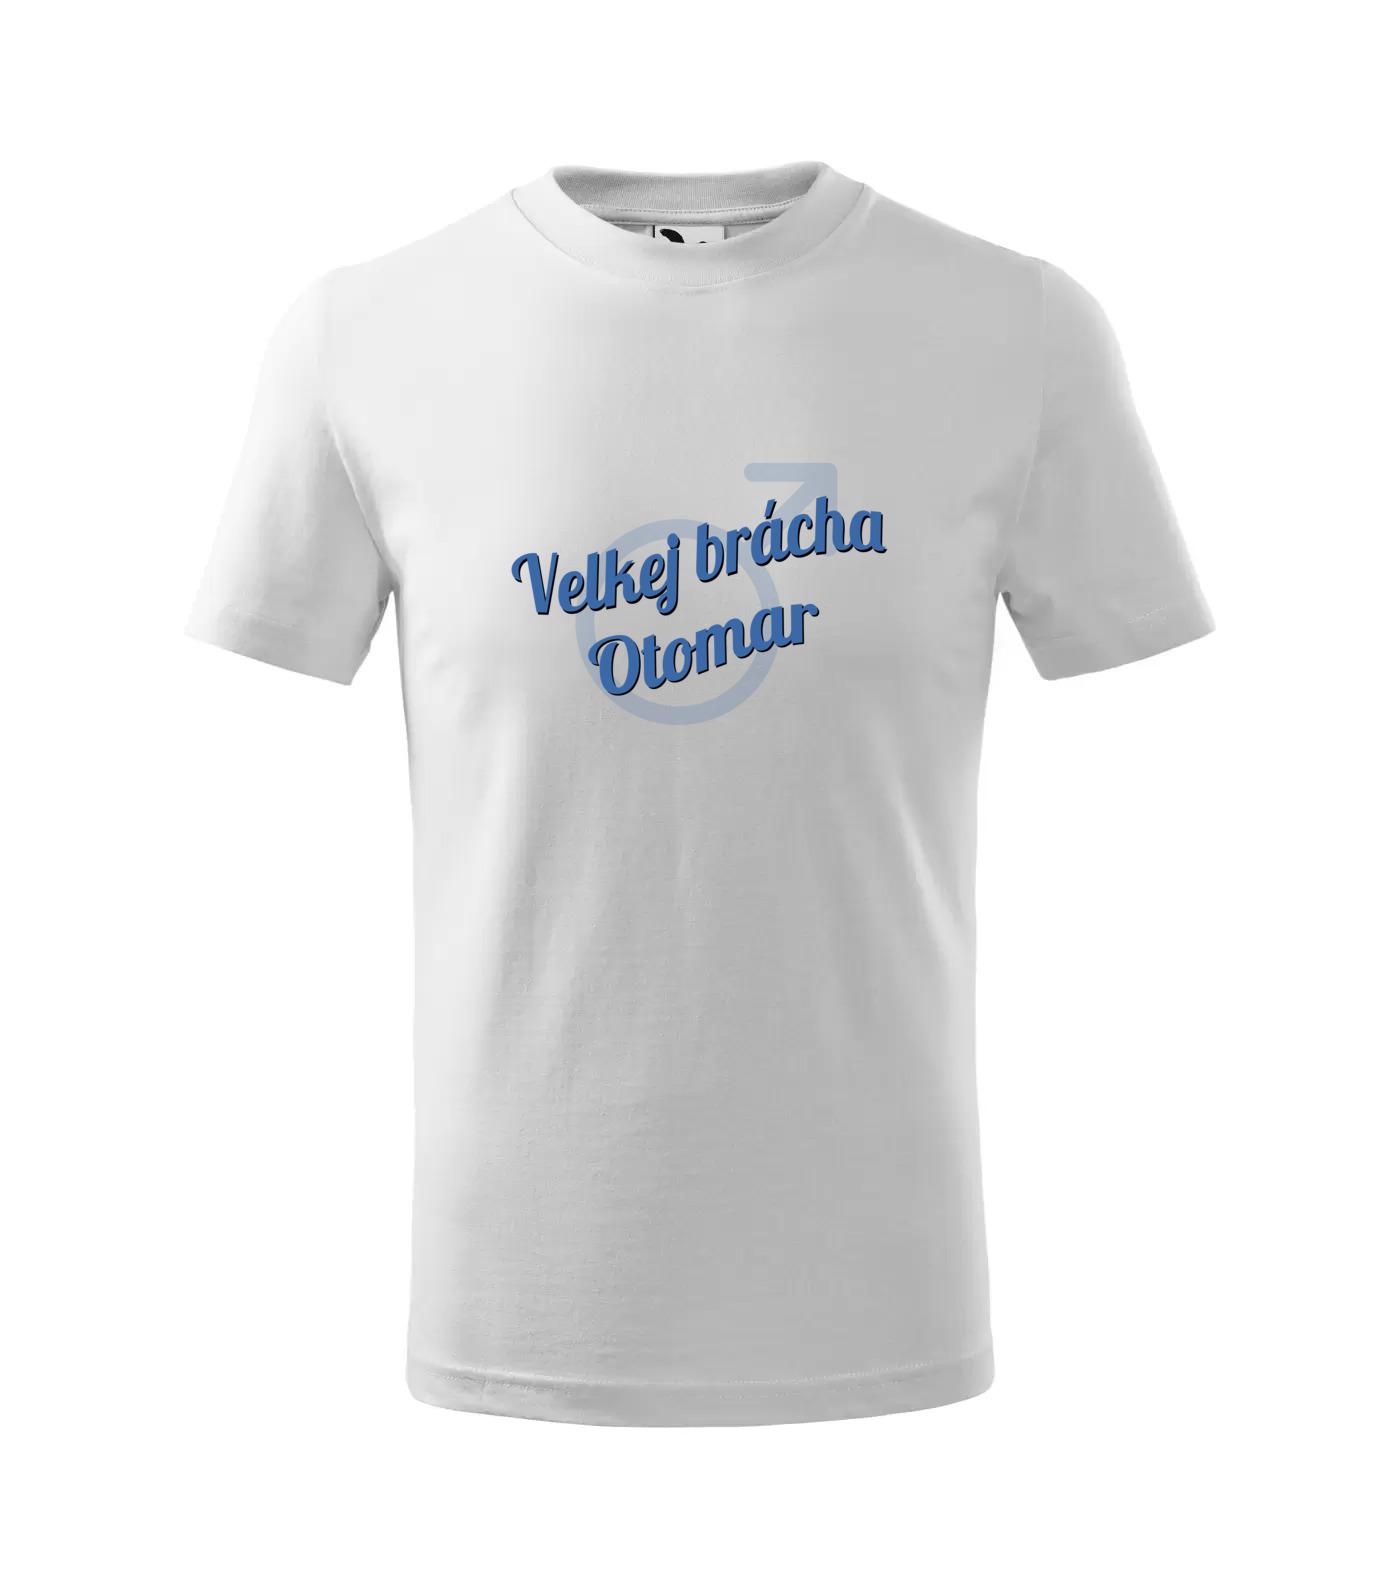 Tričko Velkej brácha Otomar